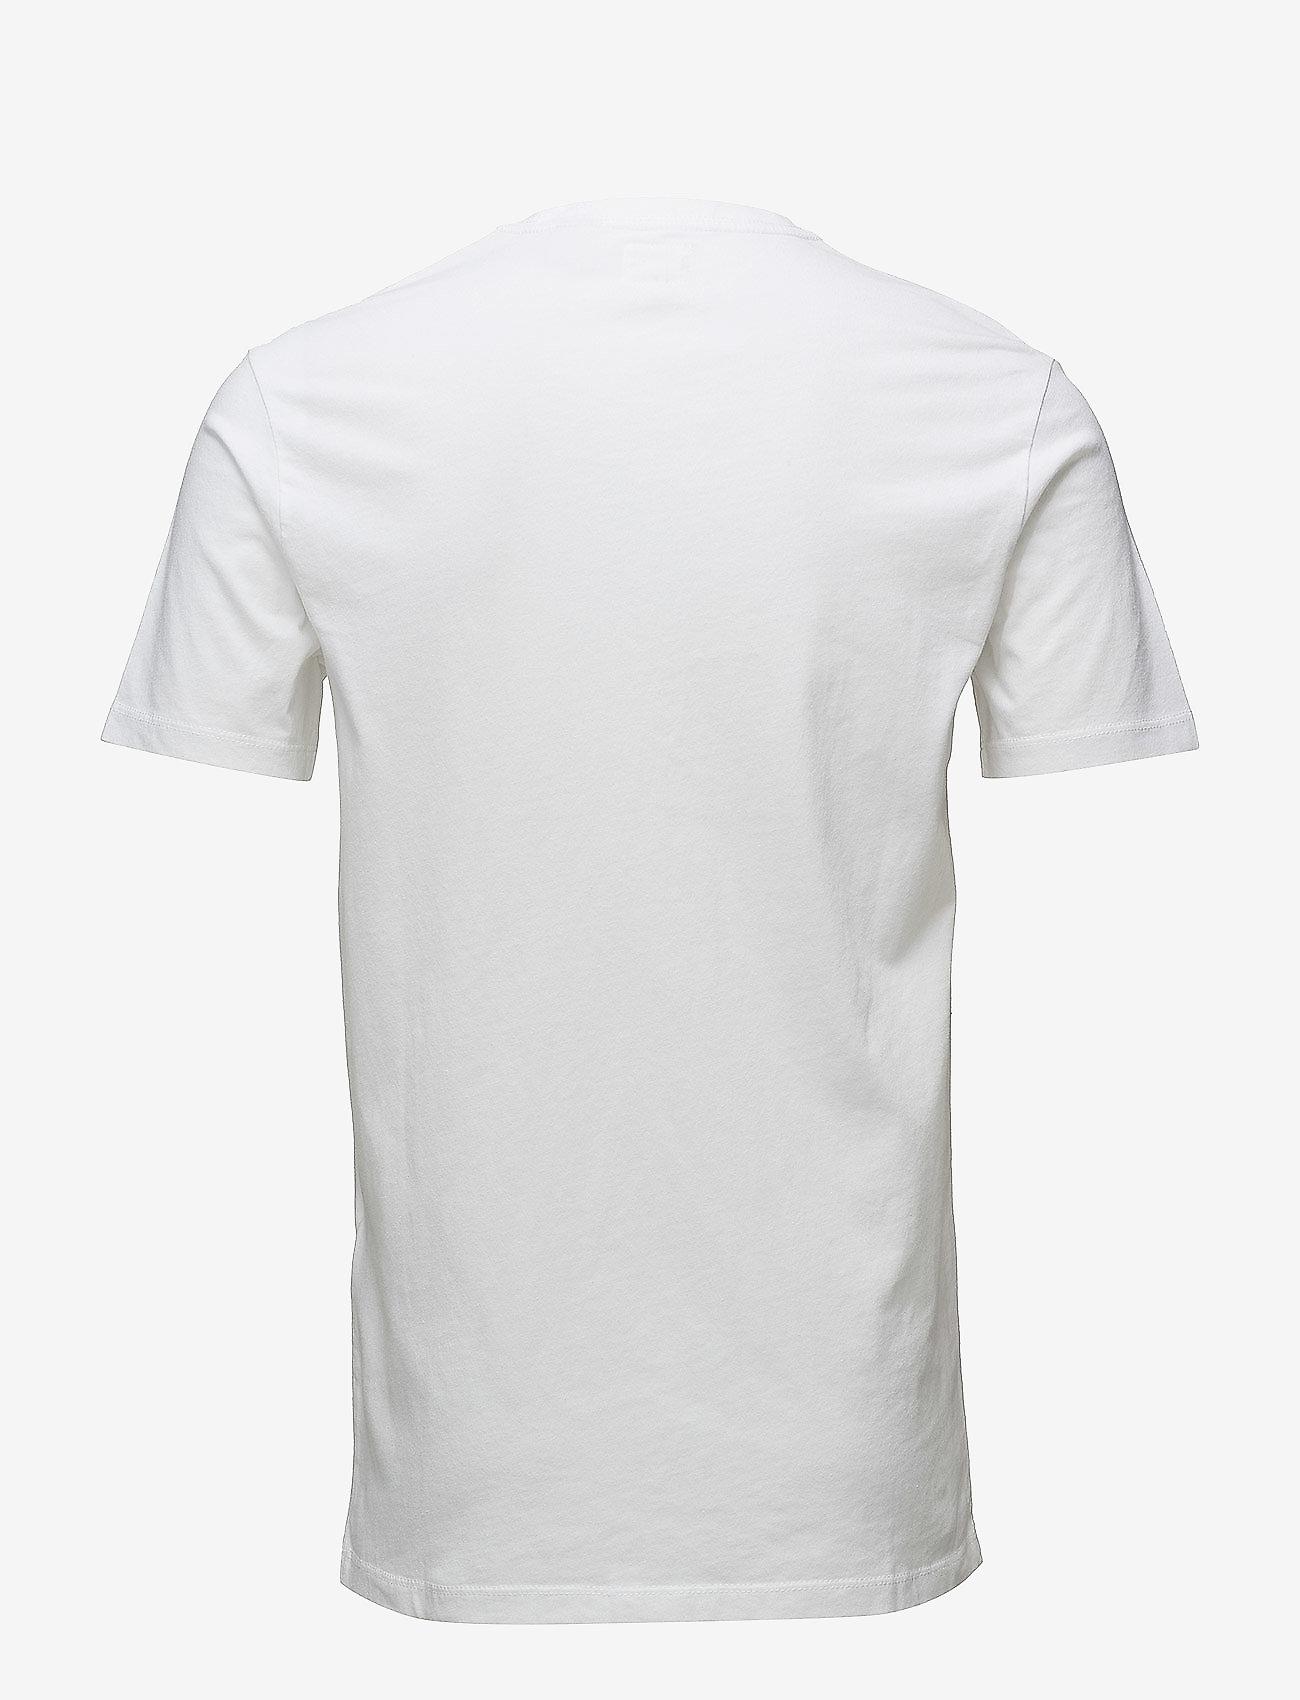 Ss Original Hm Tee Cotton + Pa (Cotton + Patch Wh) (249 kr) - LEVI´S Men